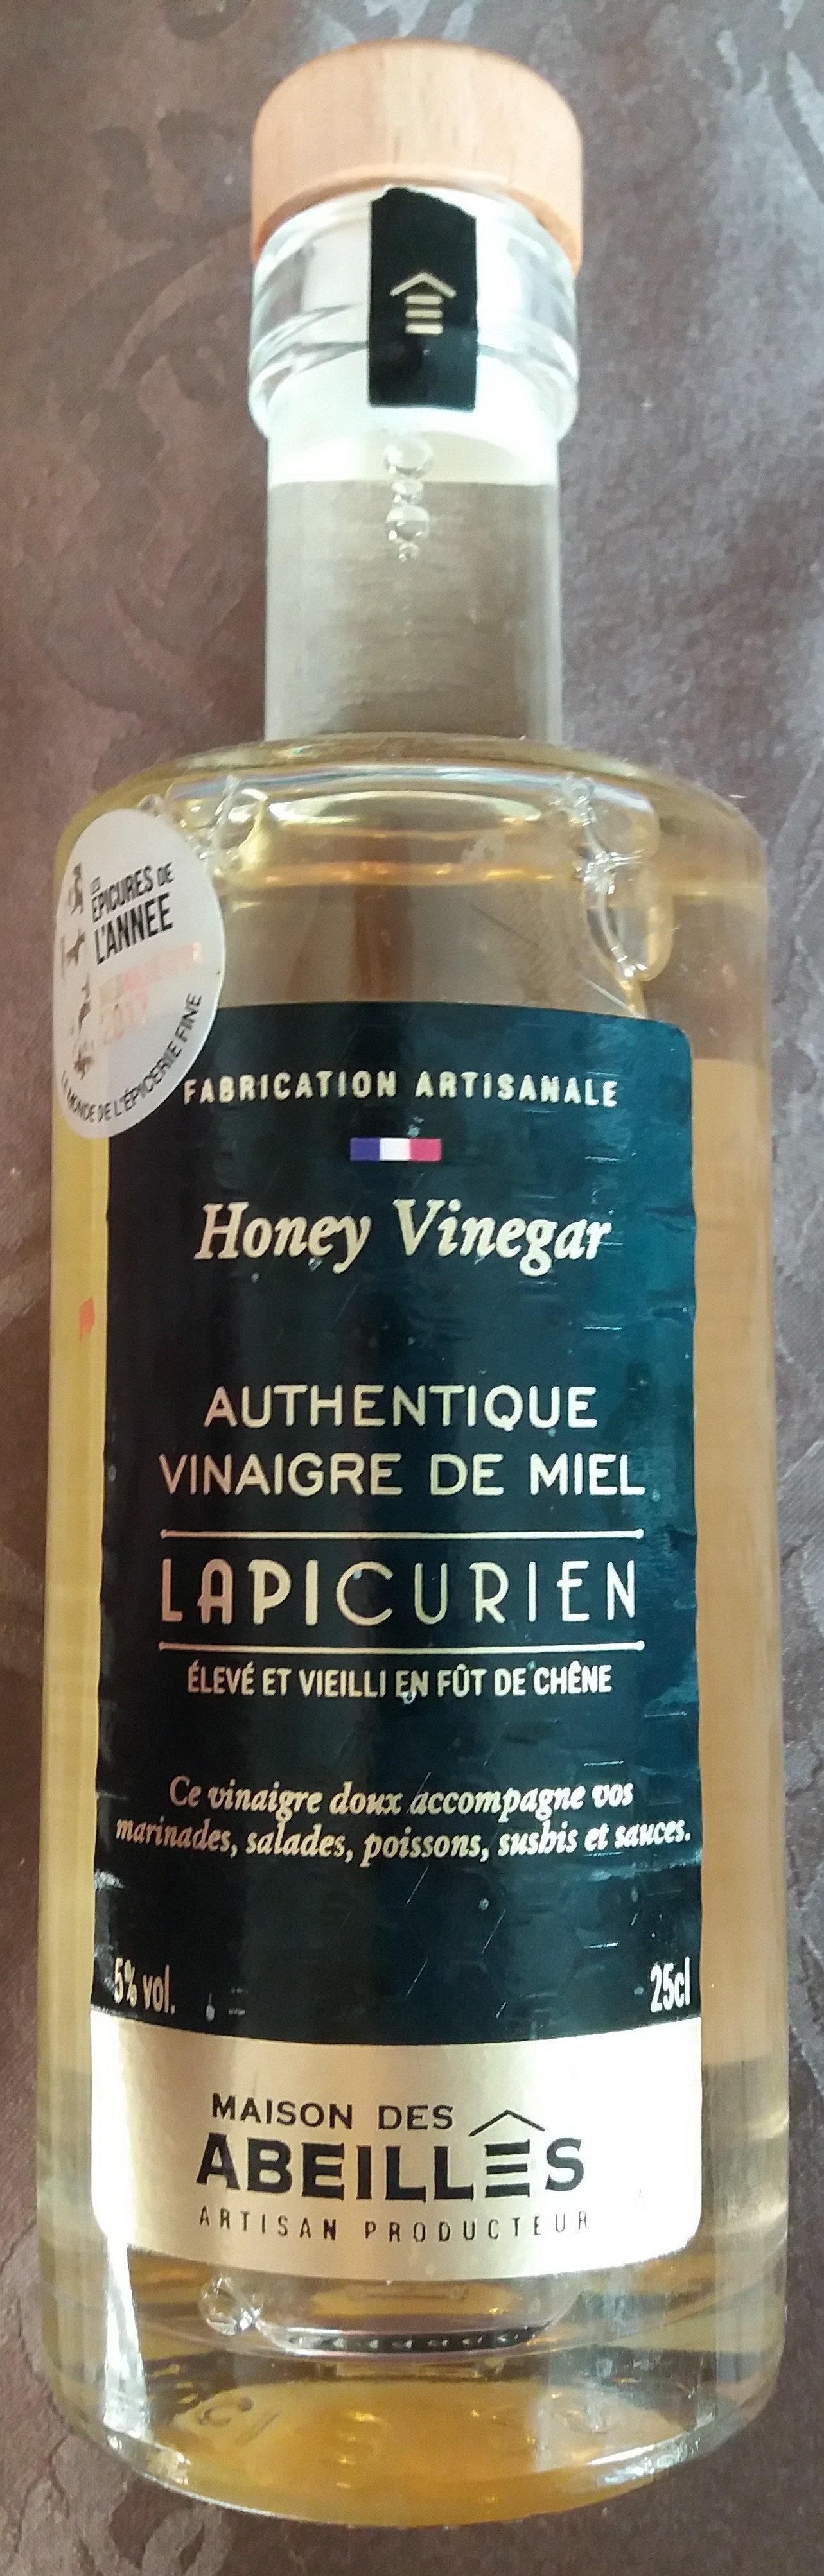 Authentique vinaigre de miel - Product - fr